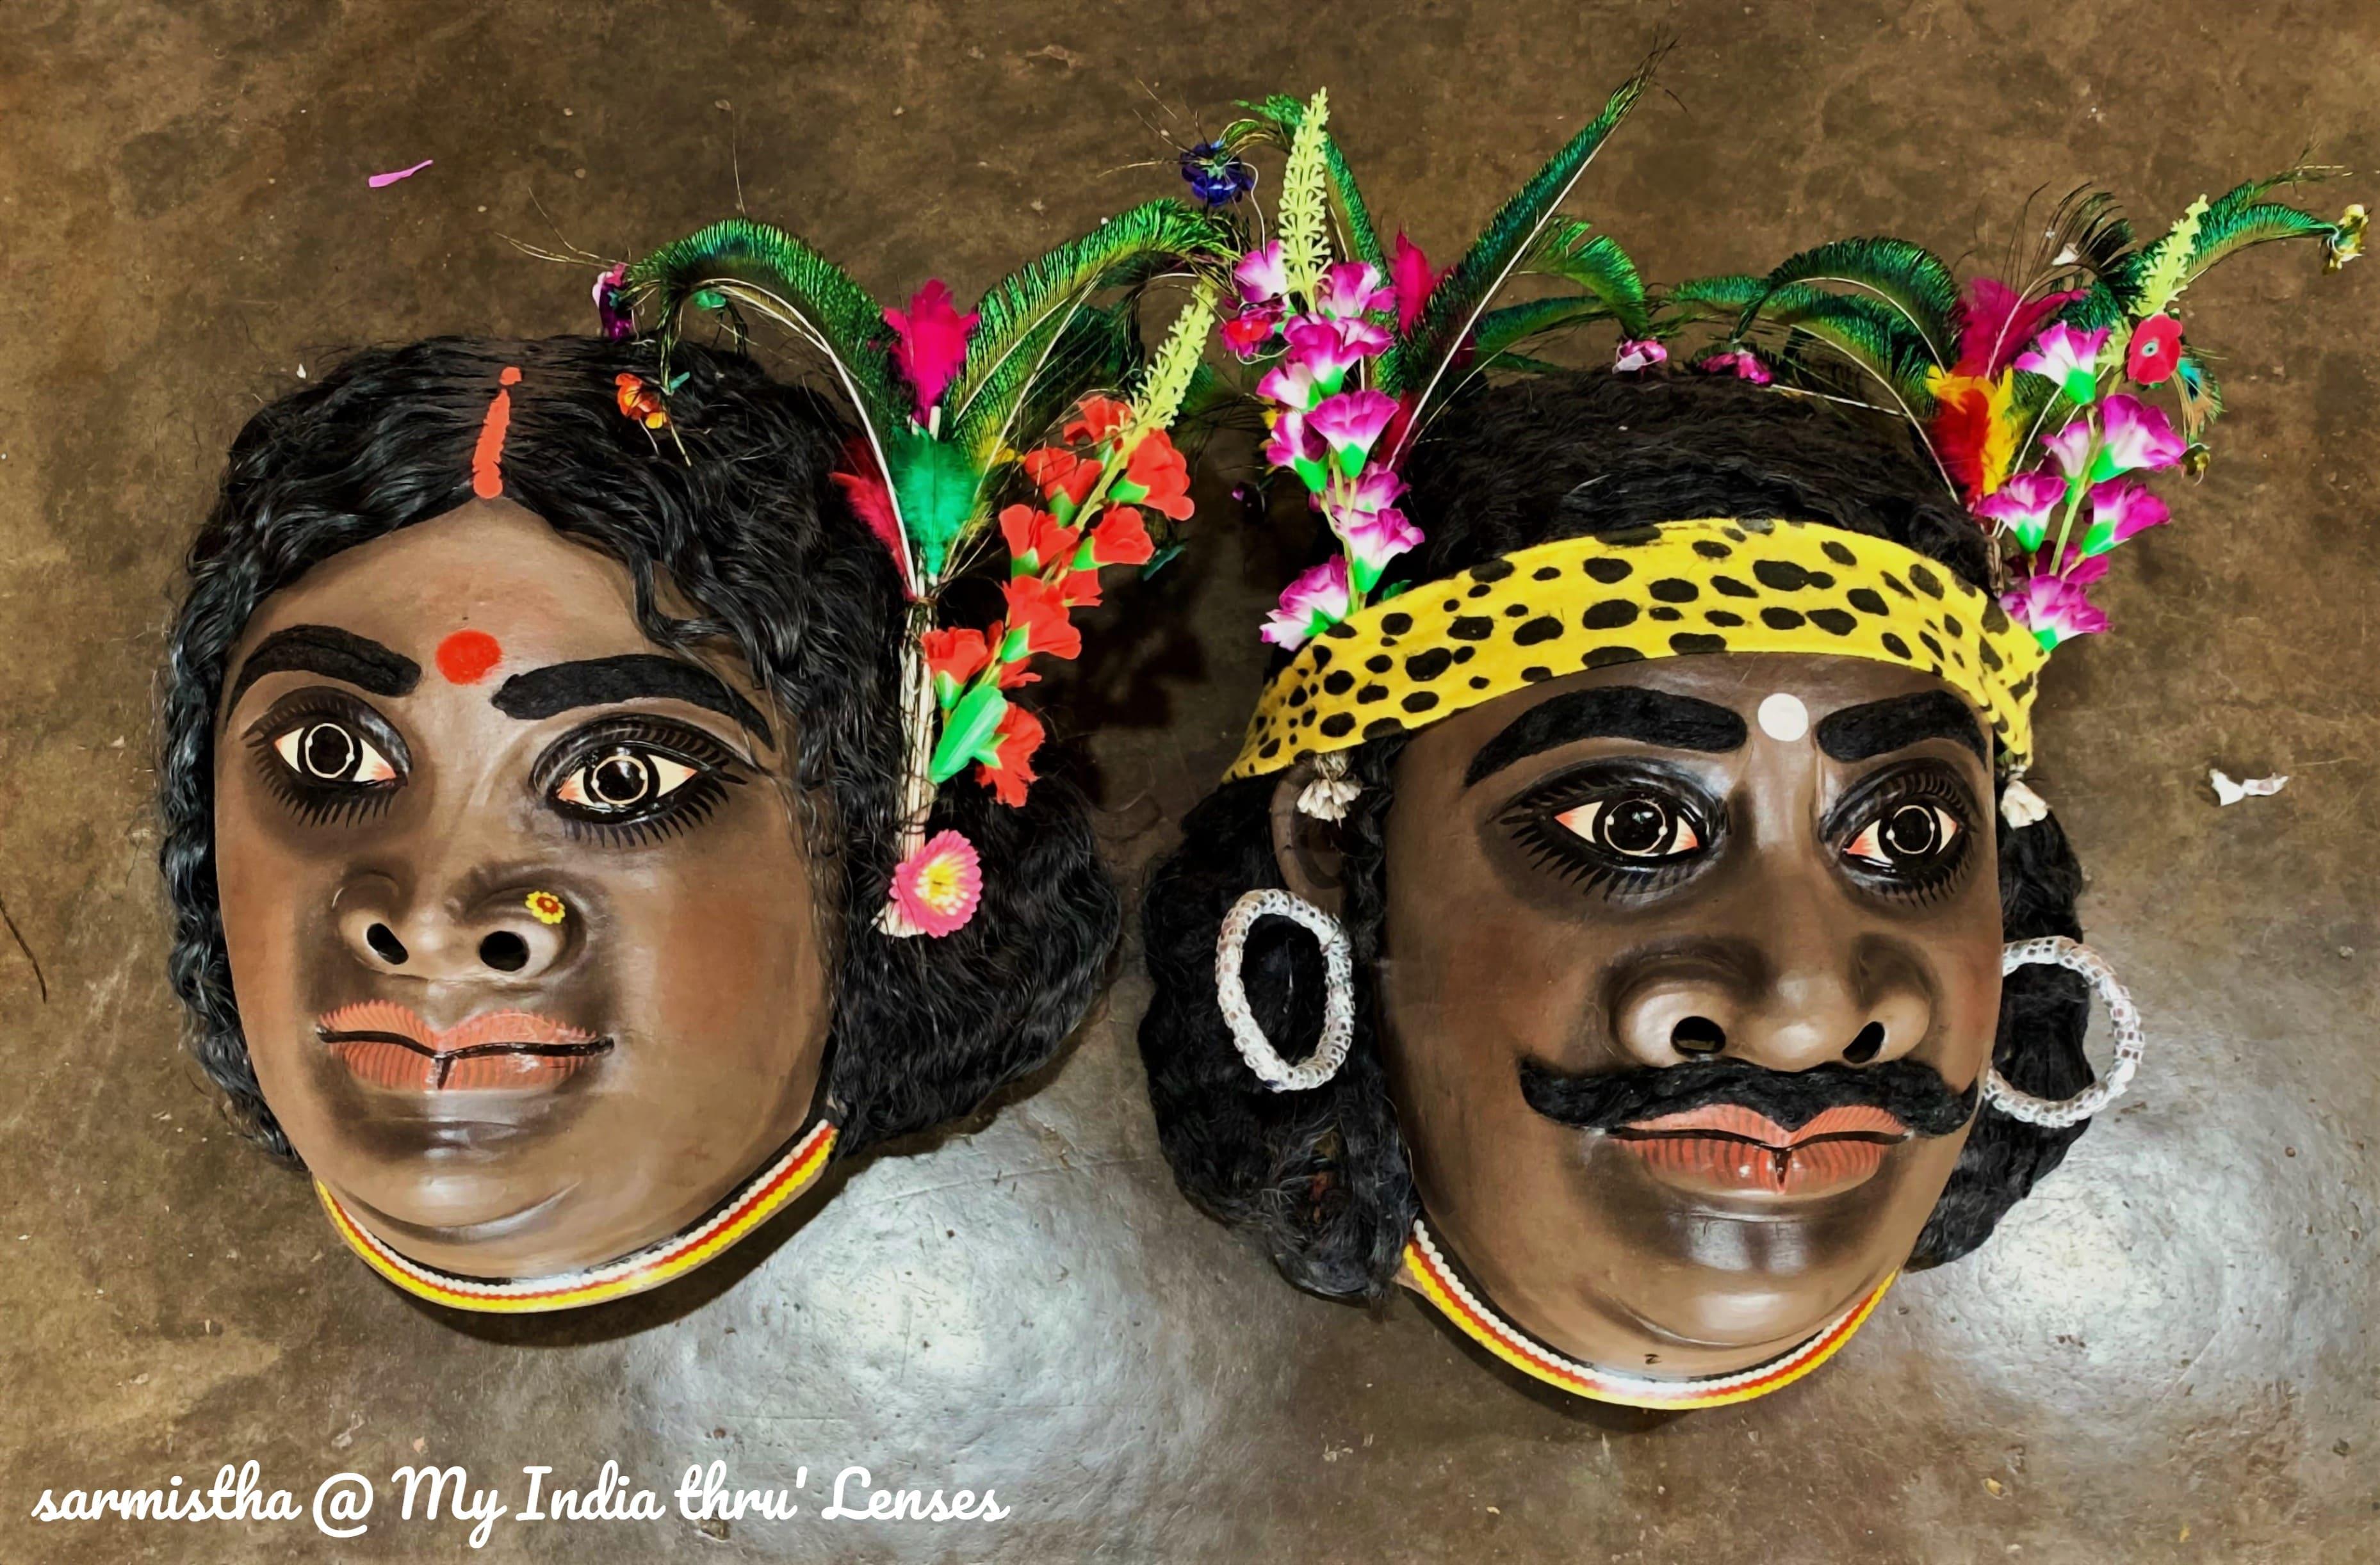 Mask of Kirat-Kiratin (incarnation of Shiv-Parvati)